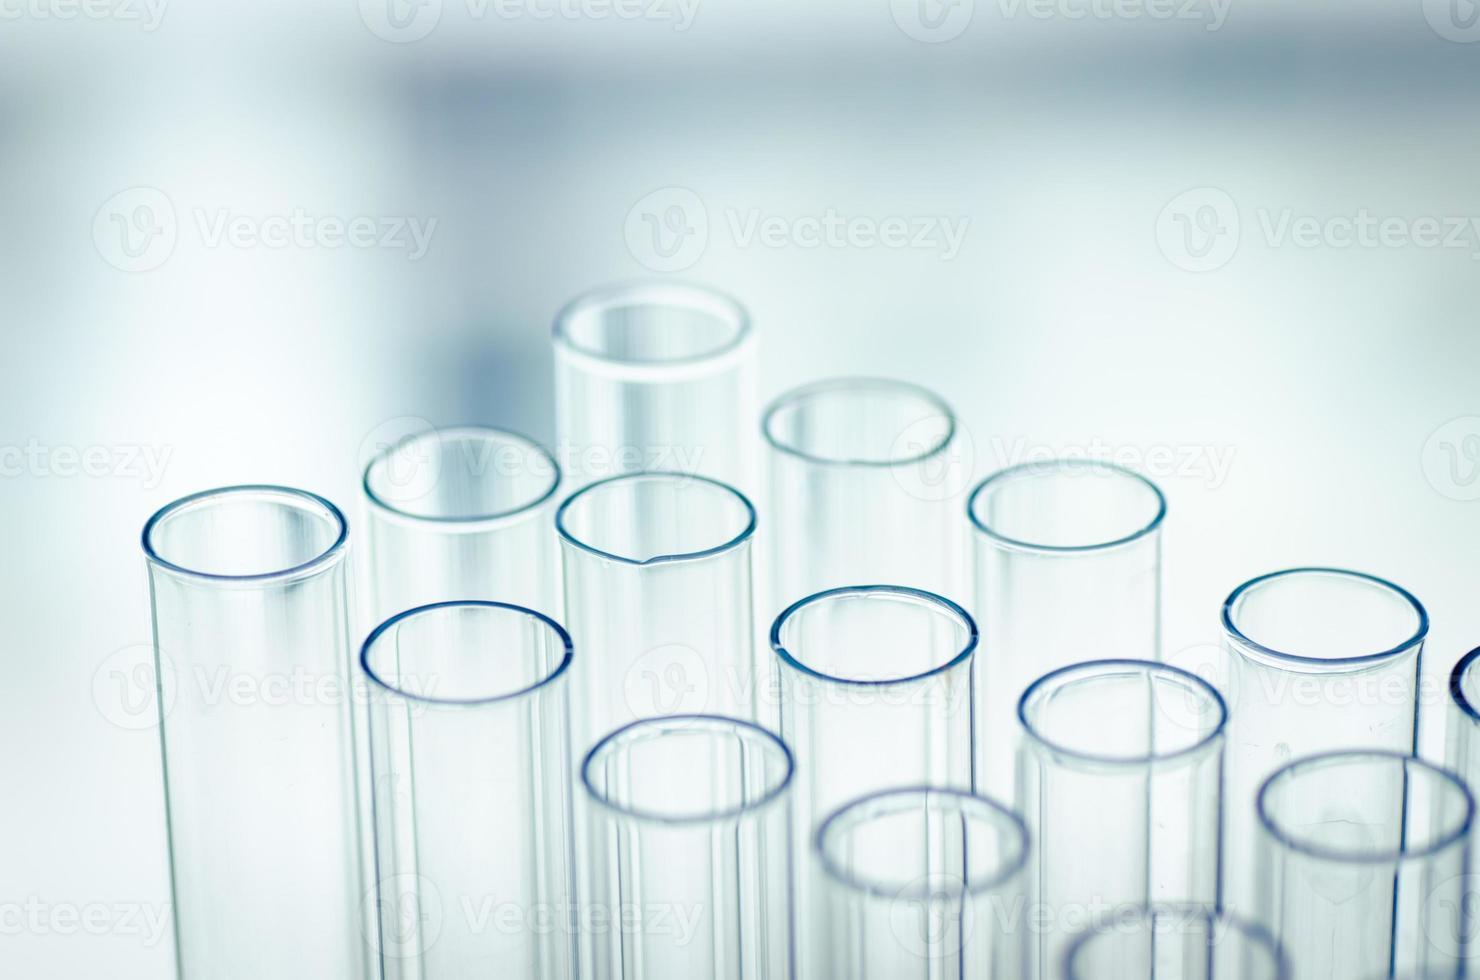 tubos de ensaio de laboratório, resumo de fundo de ciência foto